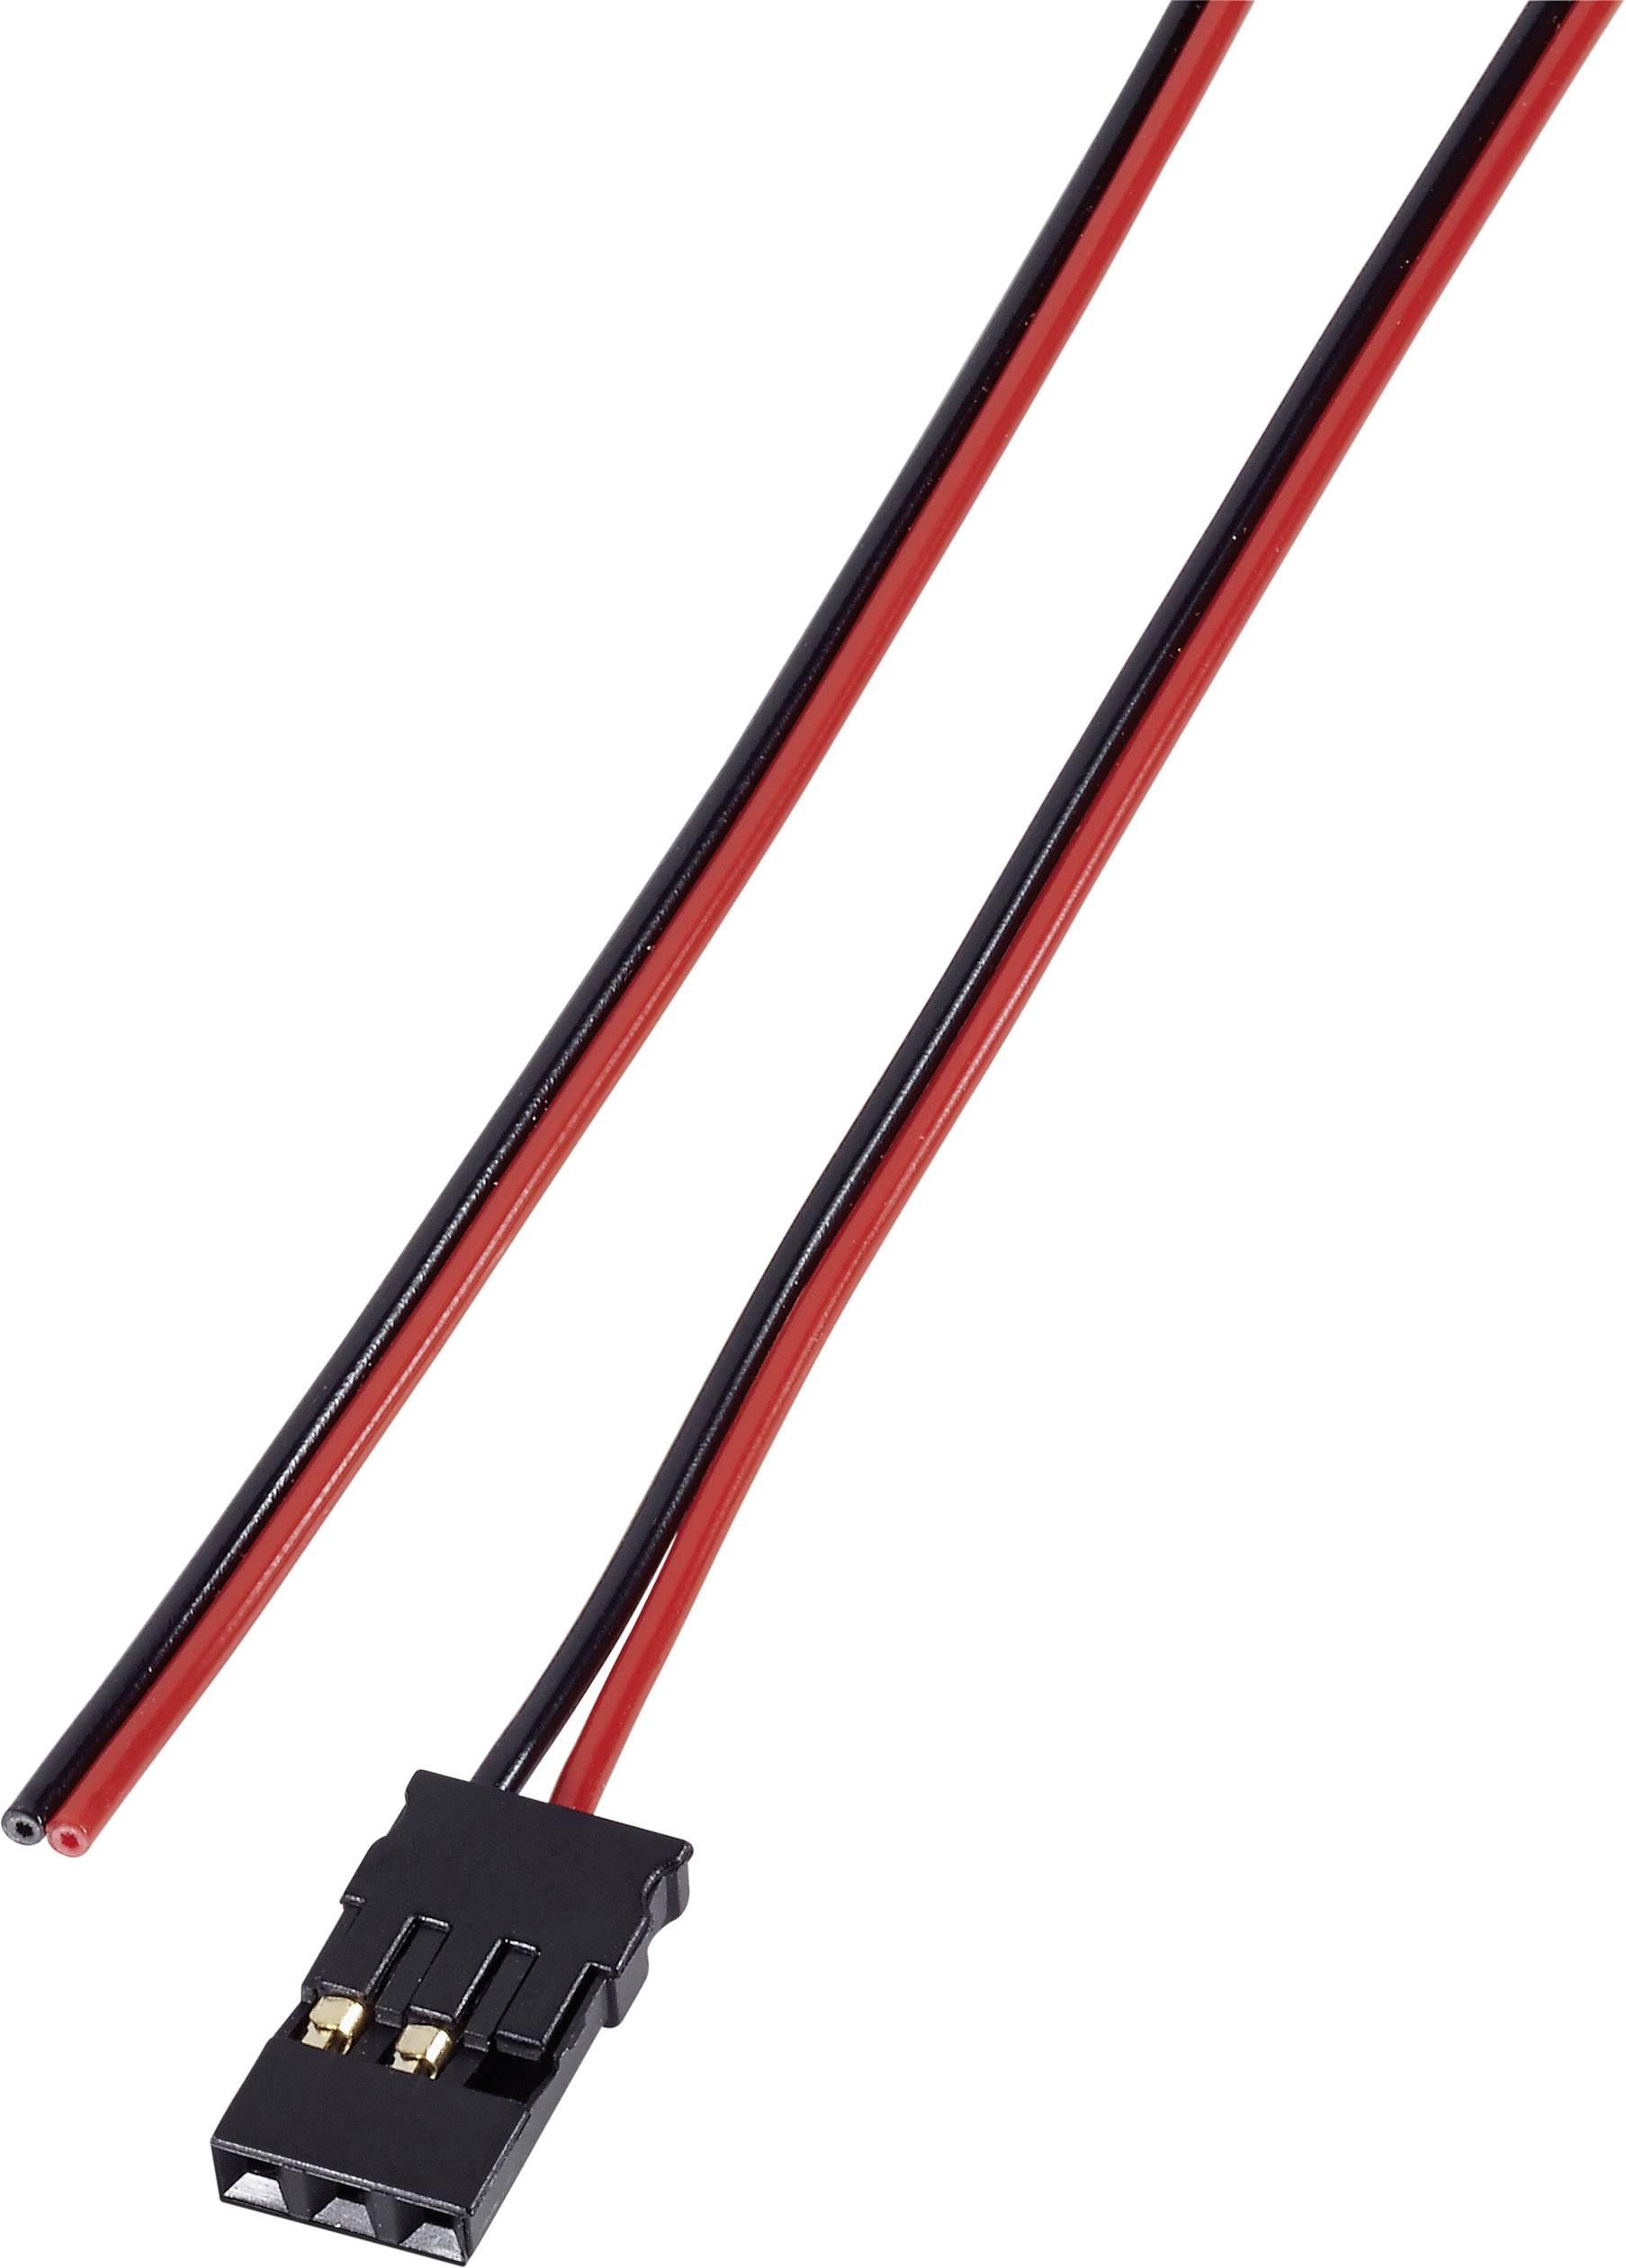 Napájecí kabel Modelcraft, JR zásuvka, 300 mm, 0,14 mm²